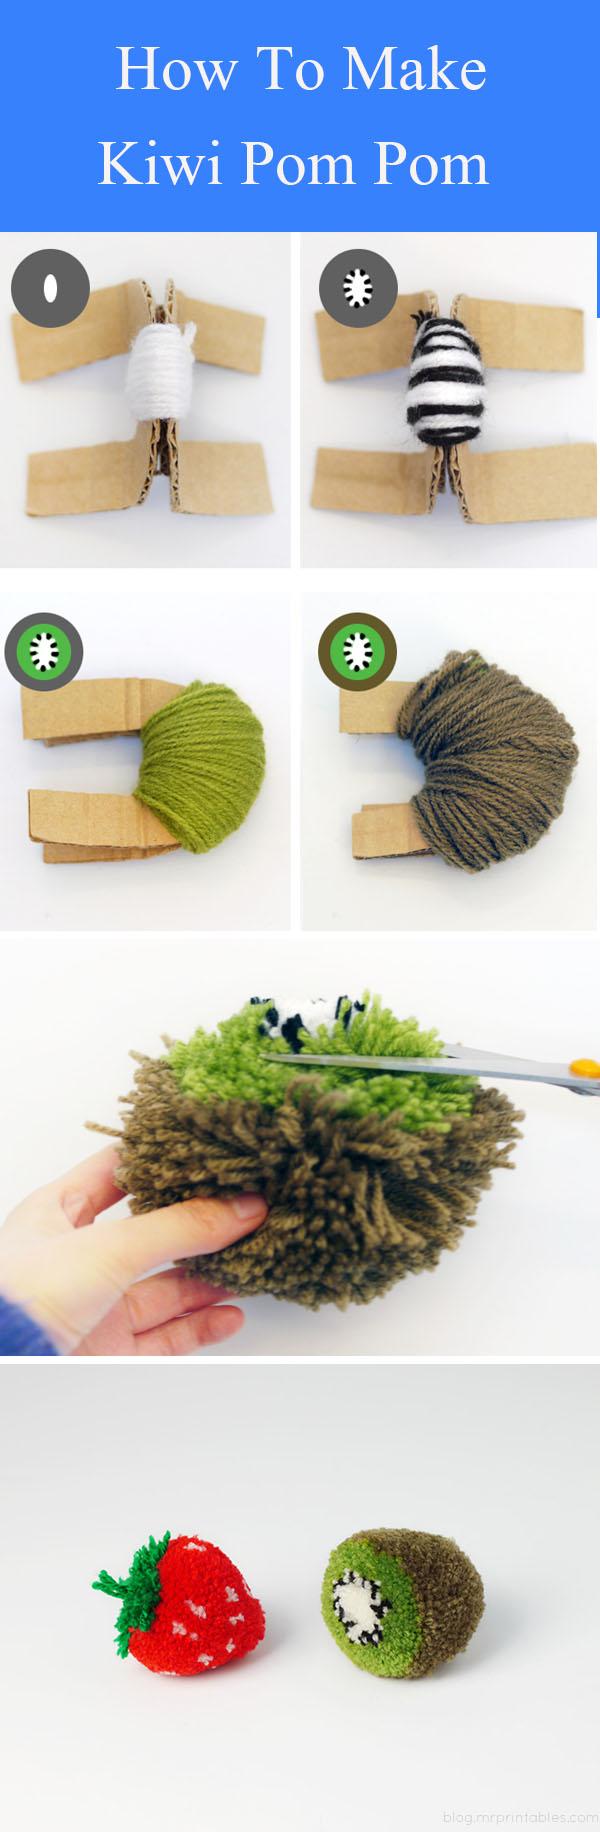 DIY Kiwi Pom Pom